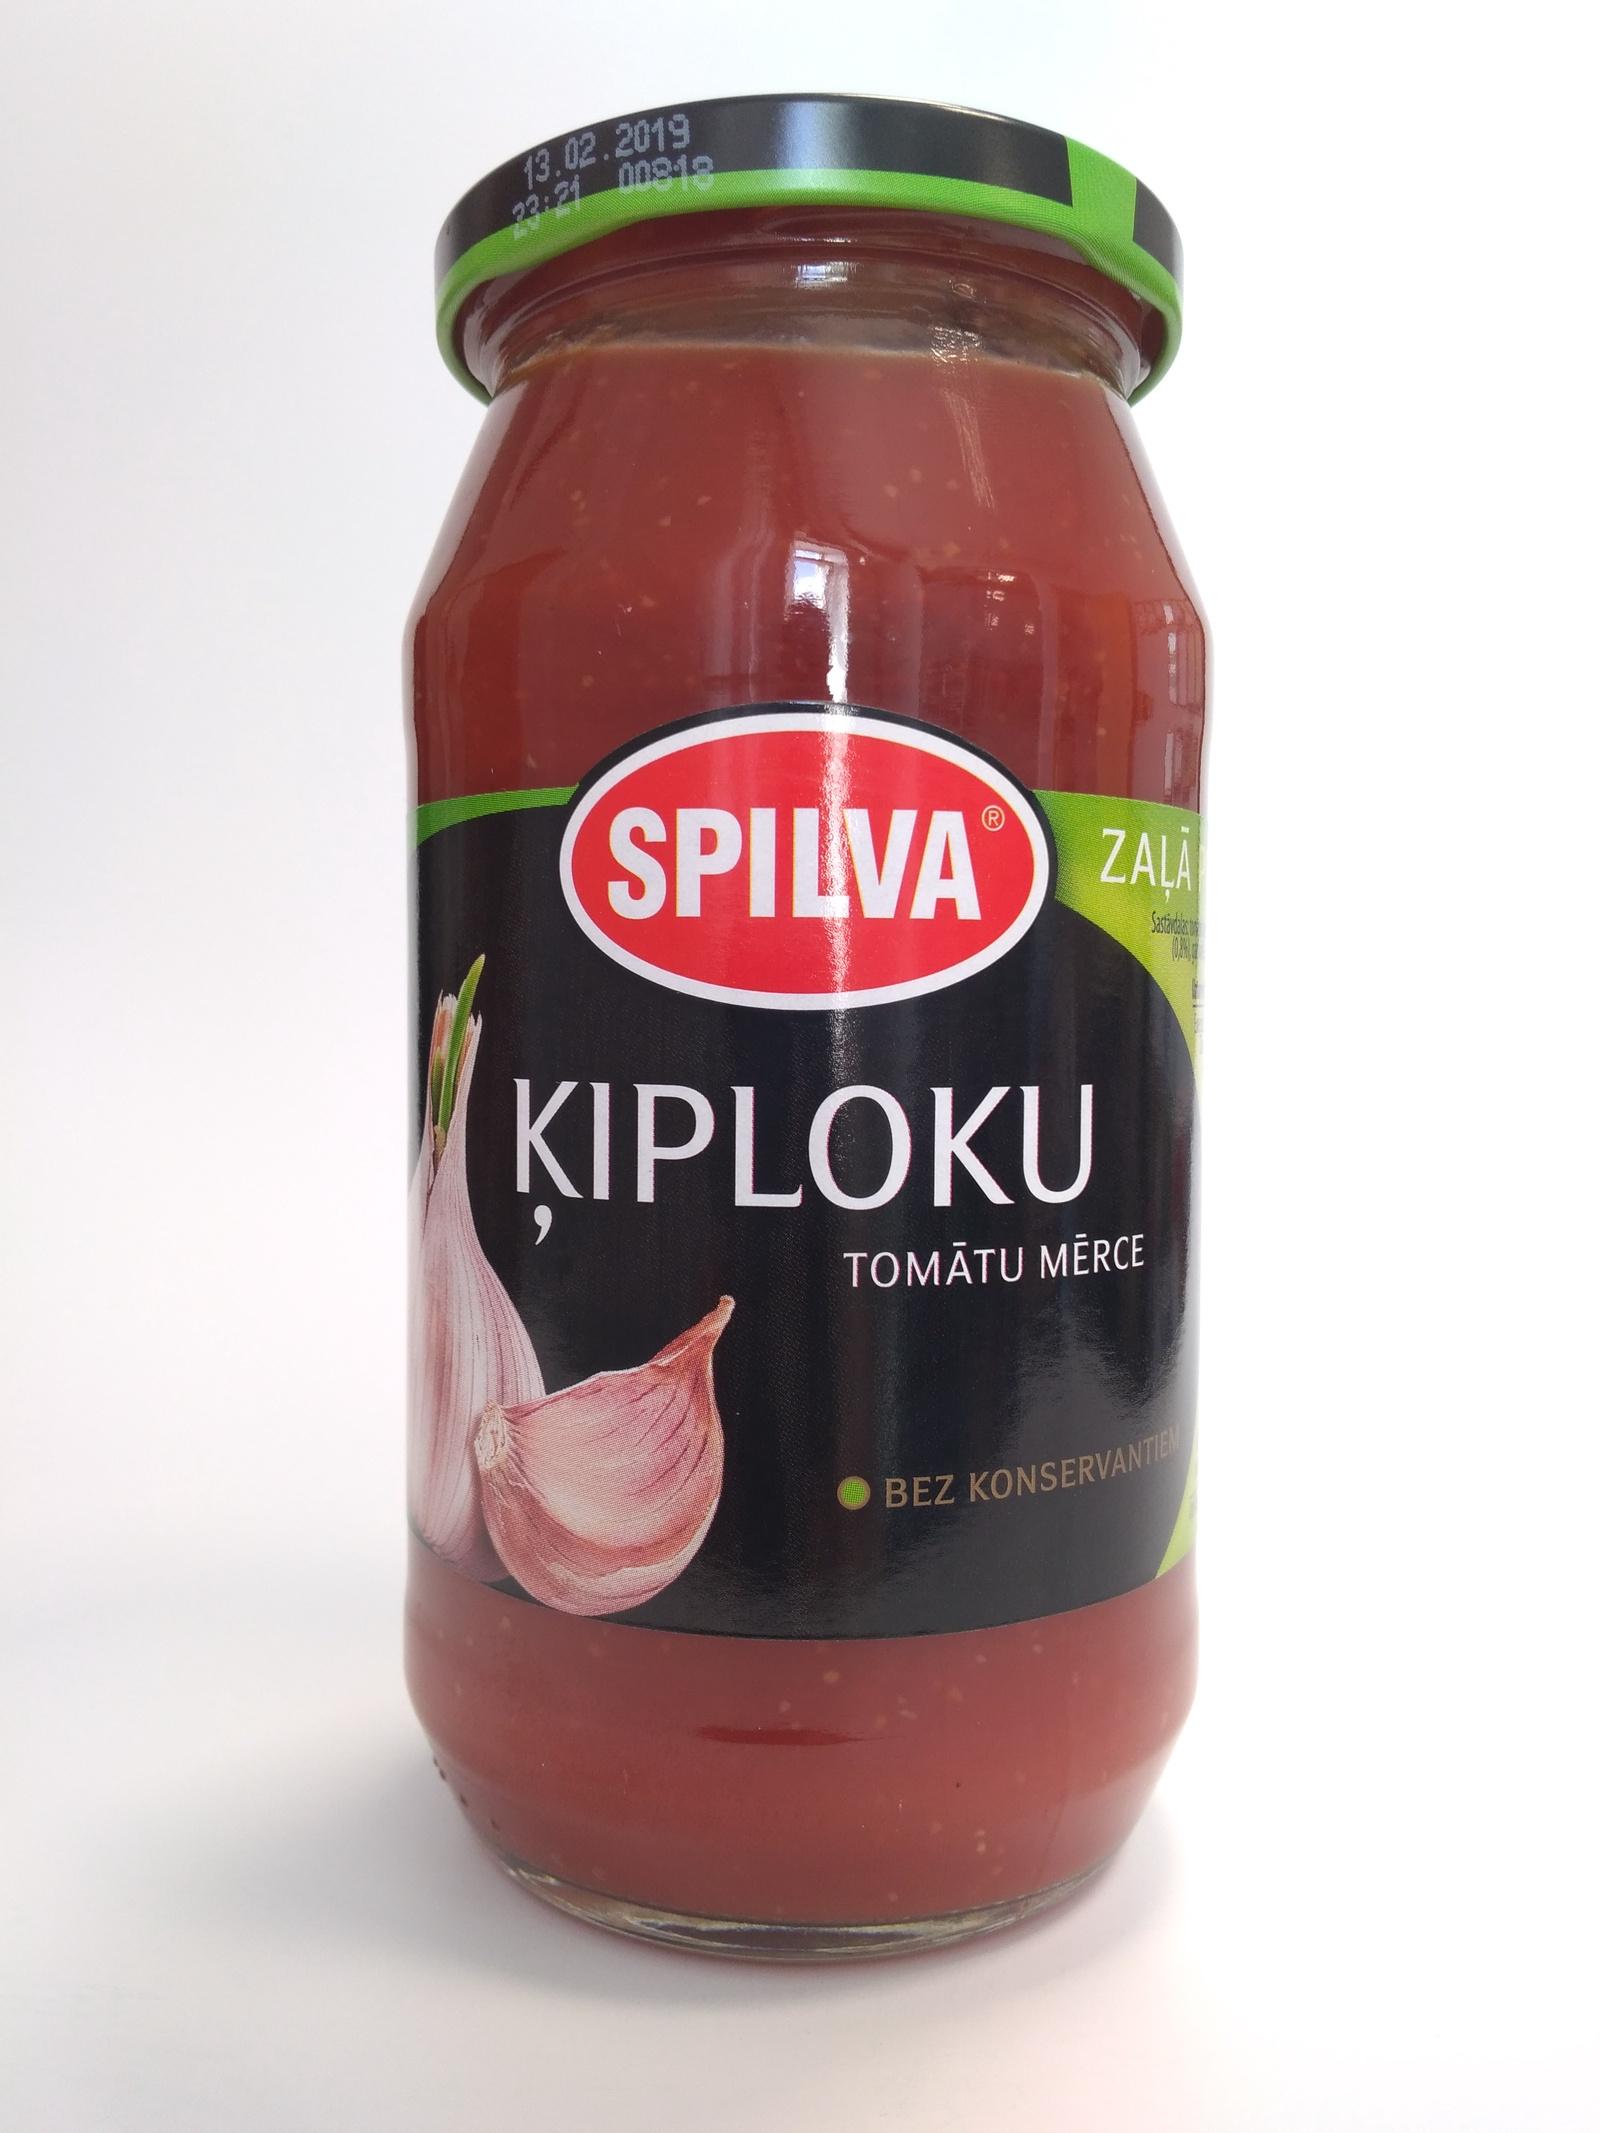 Соус Spilva Чесночный томатный, 510 romeo rossi соус томатный для пасты овощной 350 г